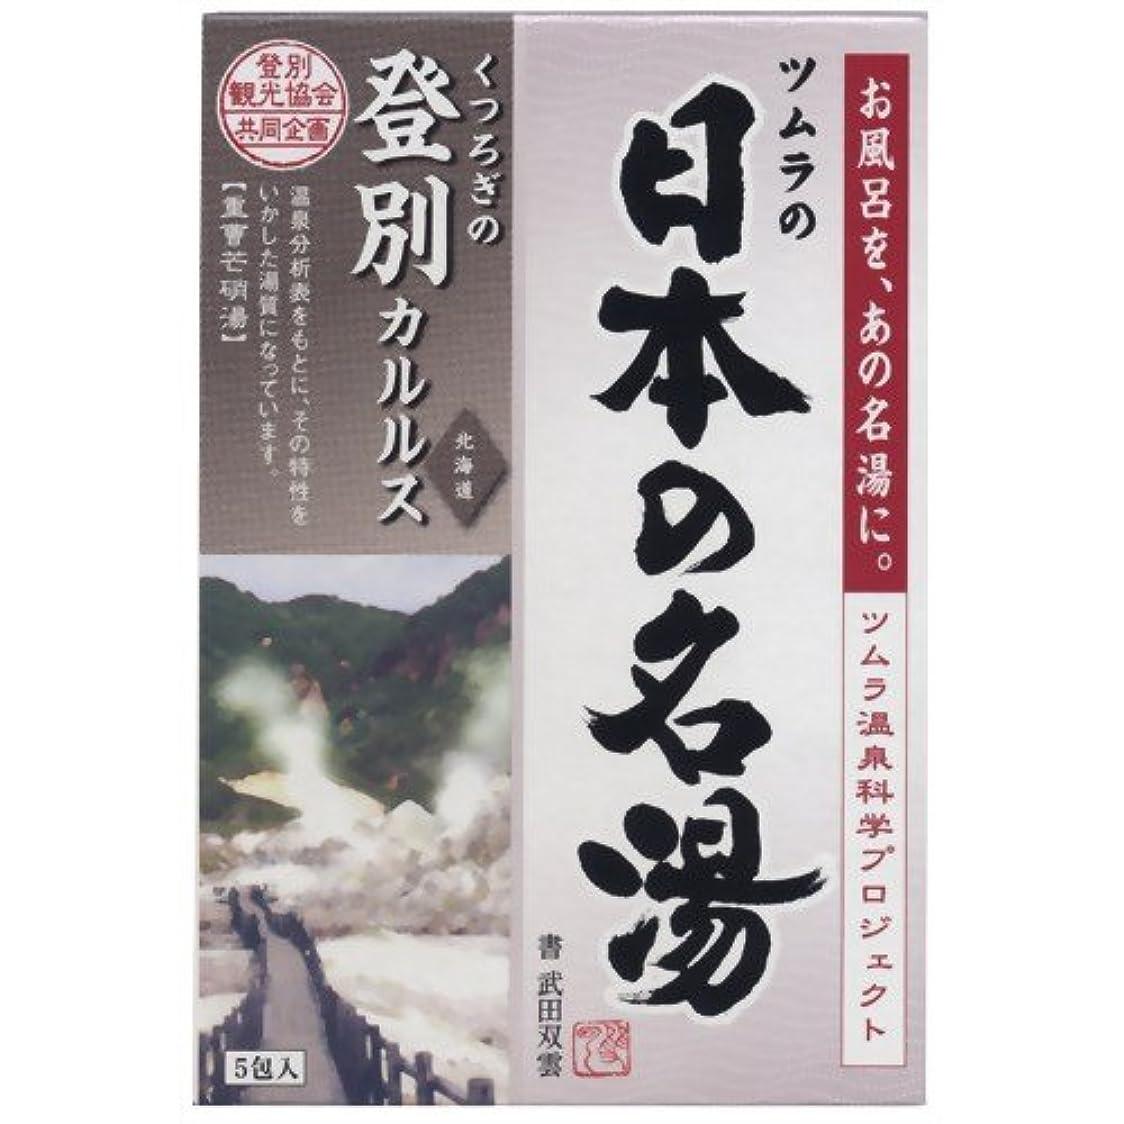 顔料ゆるくペインギリックバスクリン 日本の名湯 登別カルルス 30g×5包入(入浴剤)×24点セット (4548514135451)